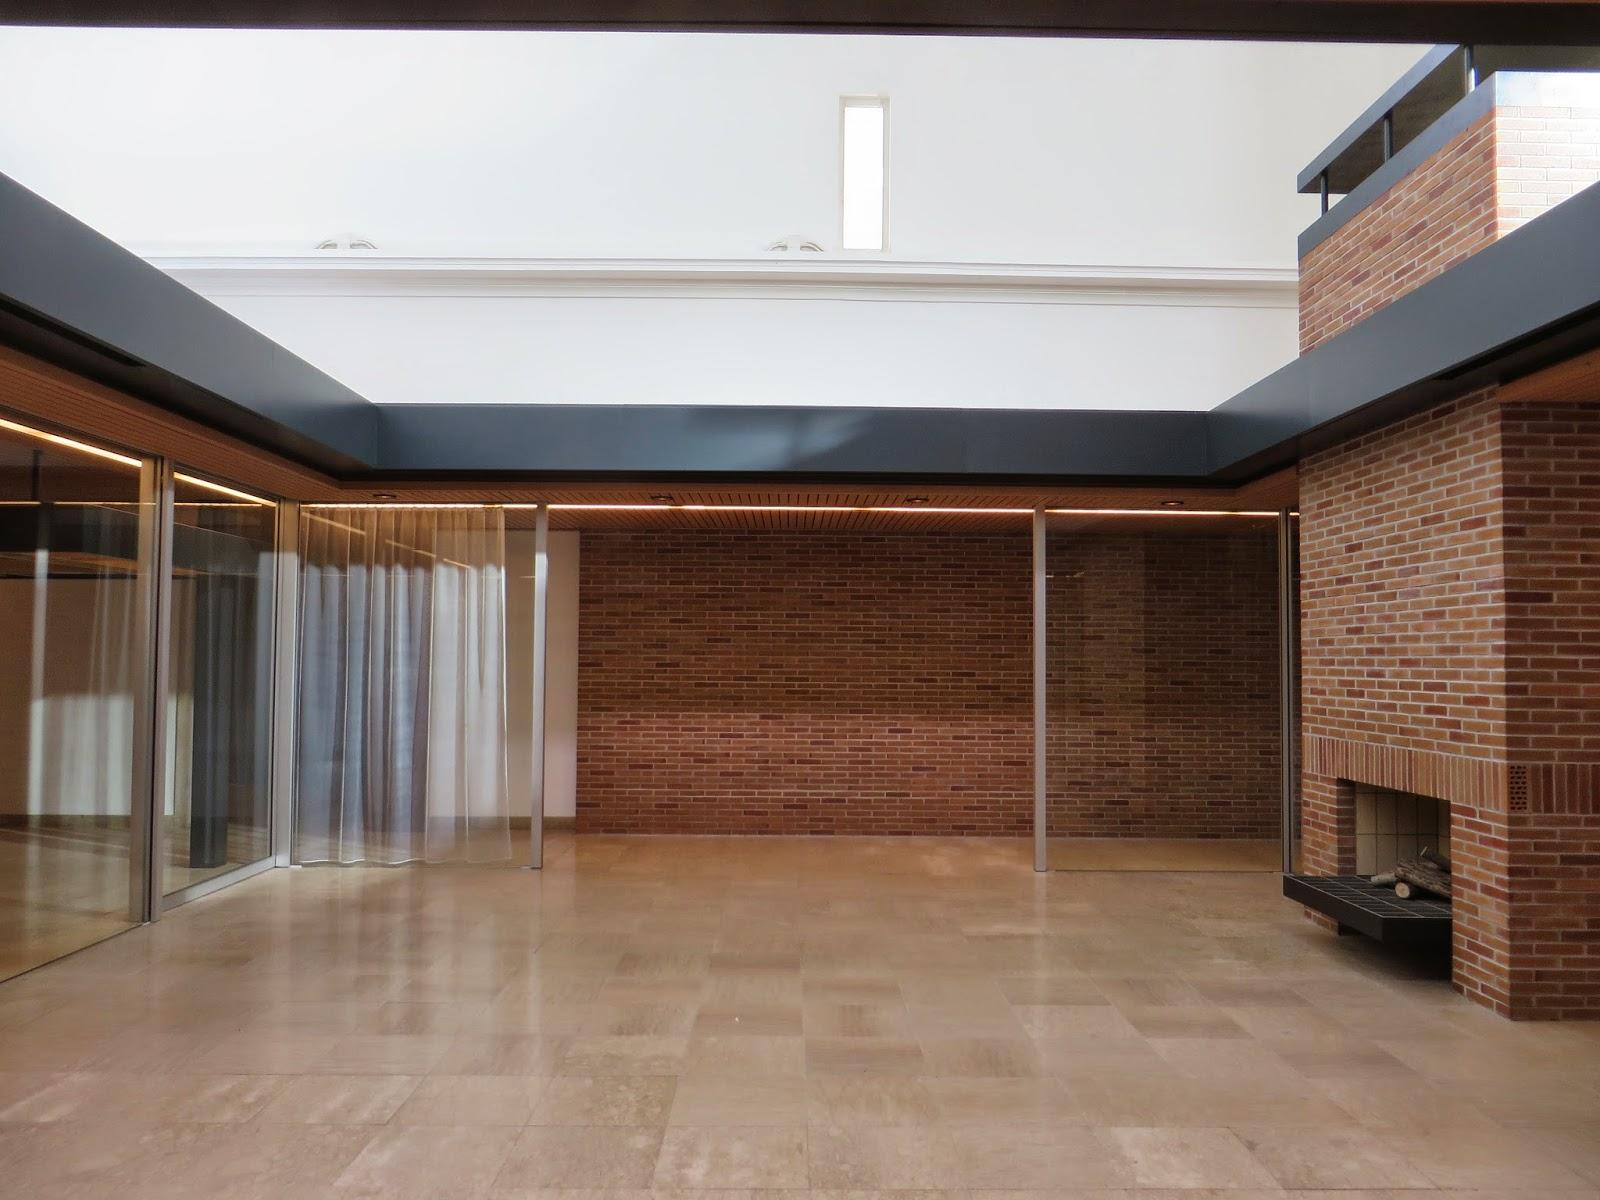 Entrevoir danemark pavillon nordique allemagne for Architecture nordique